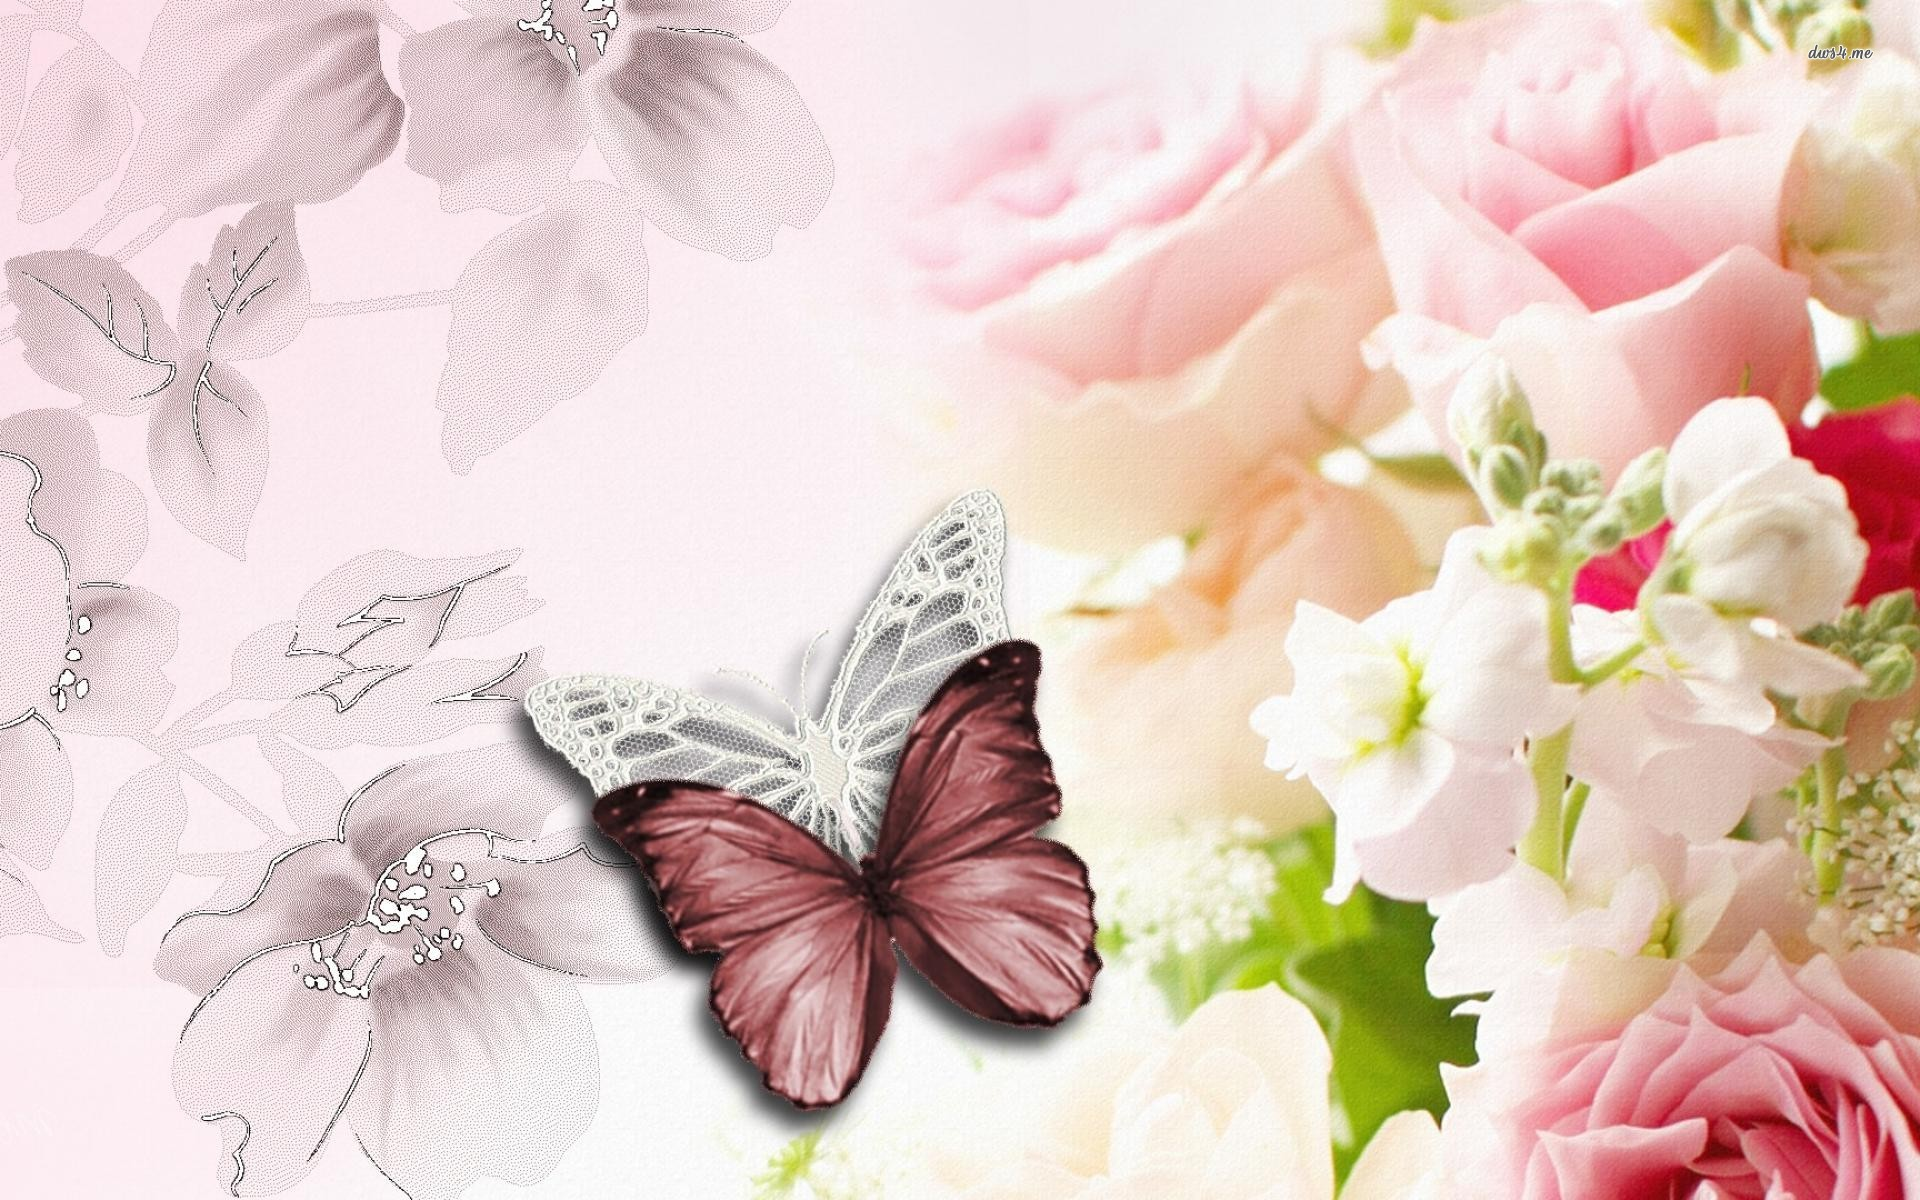 Flowers and butterflies wallpaper - Digital Art wallpapers - #7284